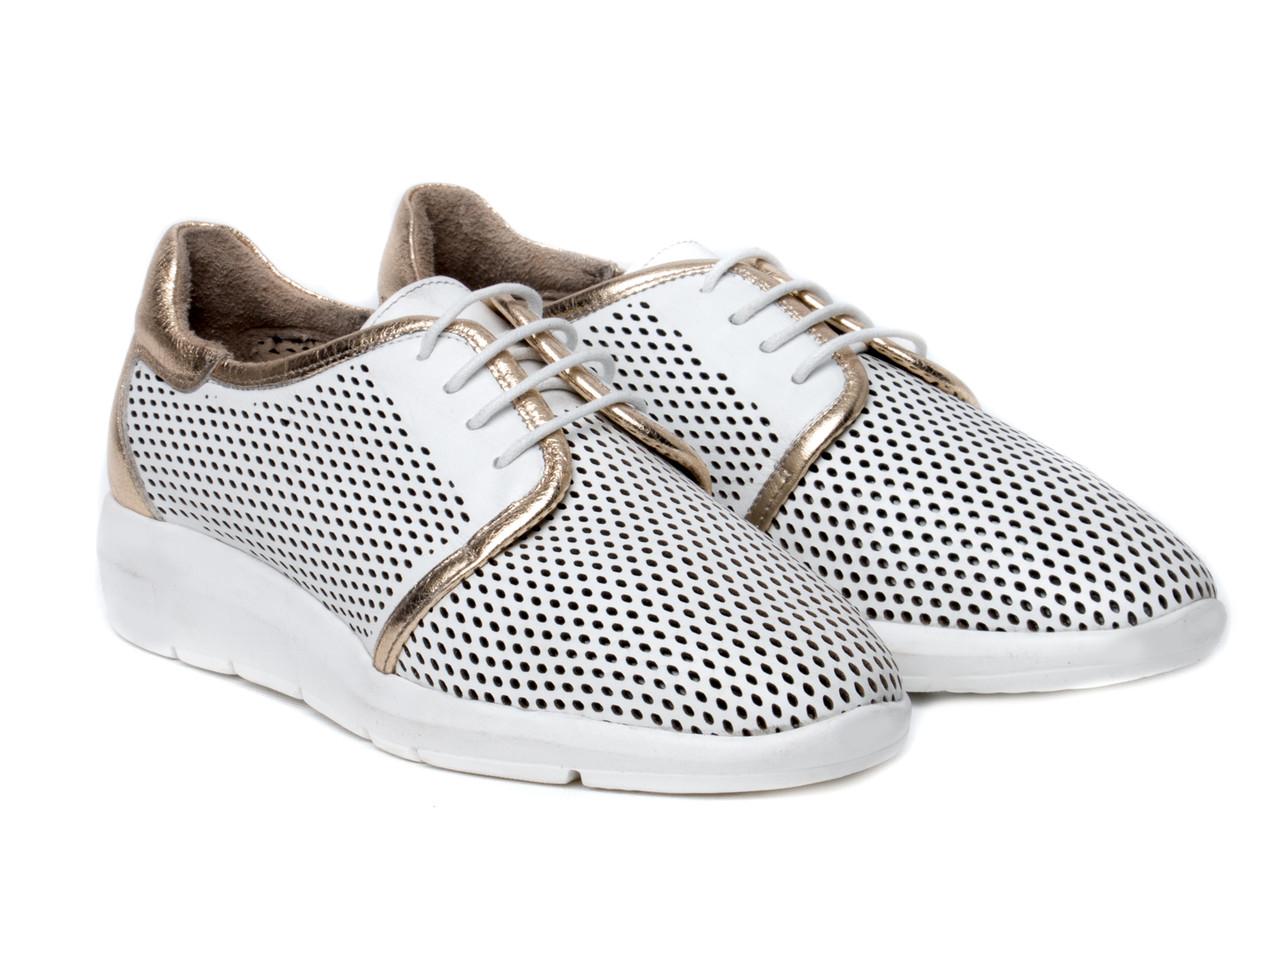 Кроссовки Etor 6499-784 39 белые